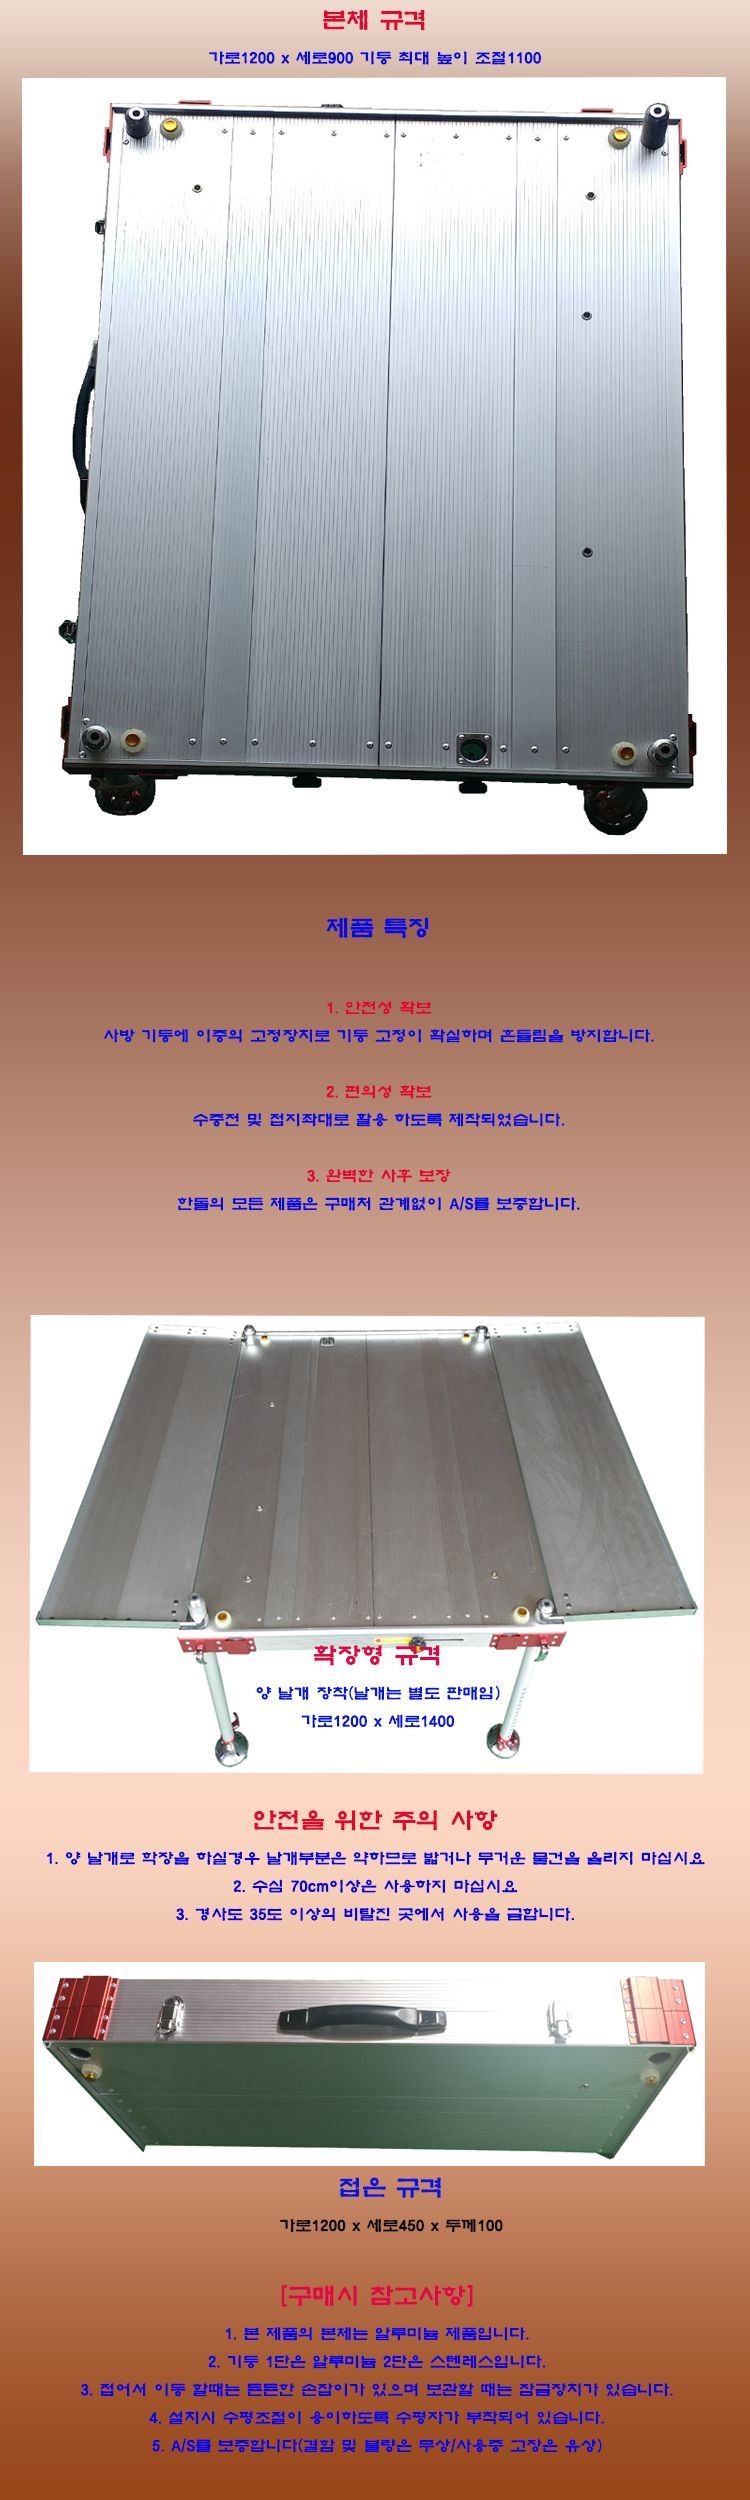 20c436479e191e8f580b446818a57656_1572587193_6141.jpg